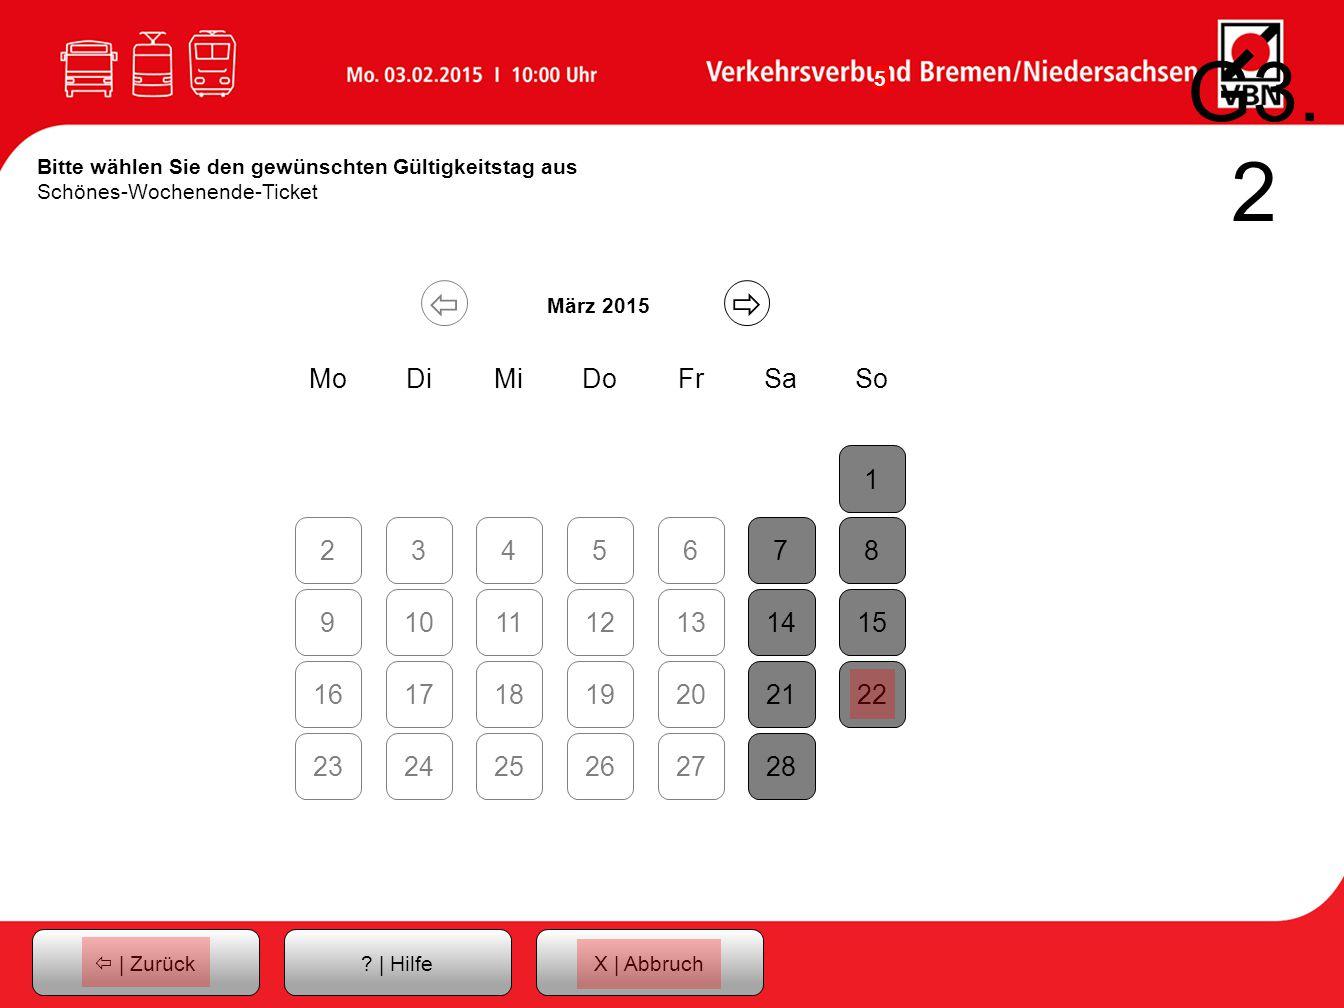 G3.2 Bitte wählen Sie den gewünschten Gültigkeitstag aus Schönes-Wochenende-Ticket.   März 2015.